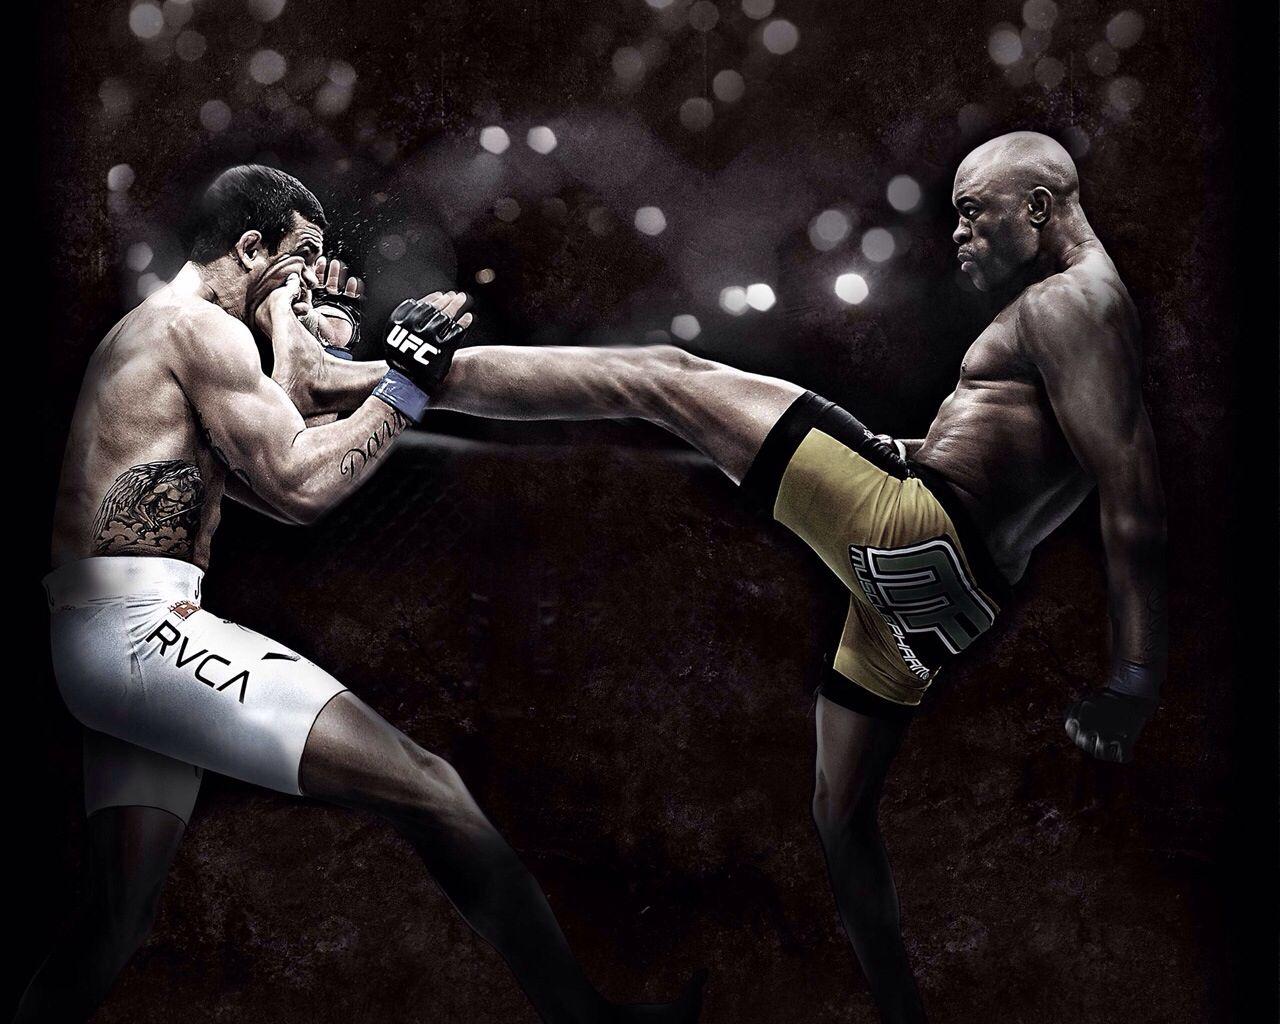 silva vs belfort Ufc, Ufc fighters, Mixed martial arts